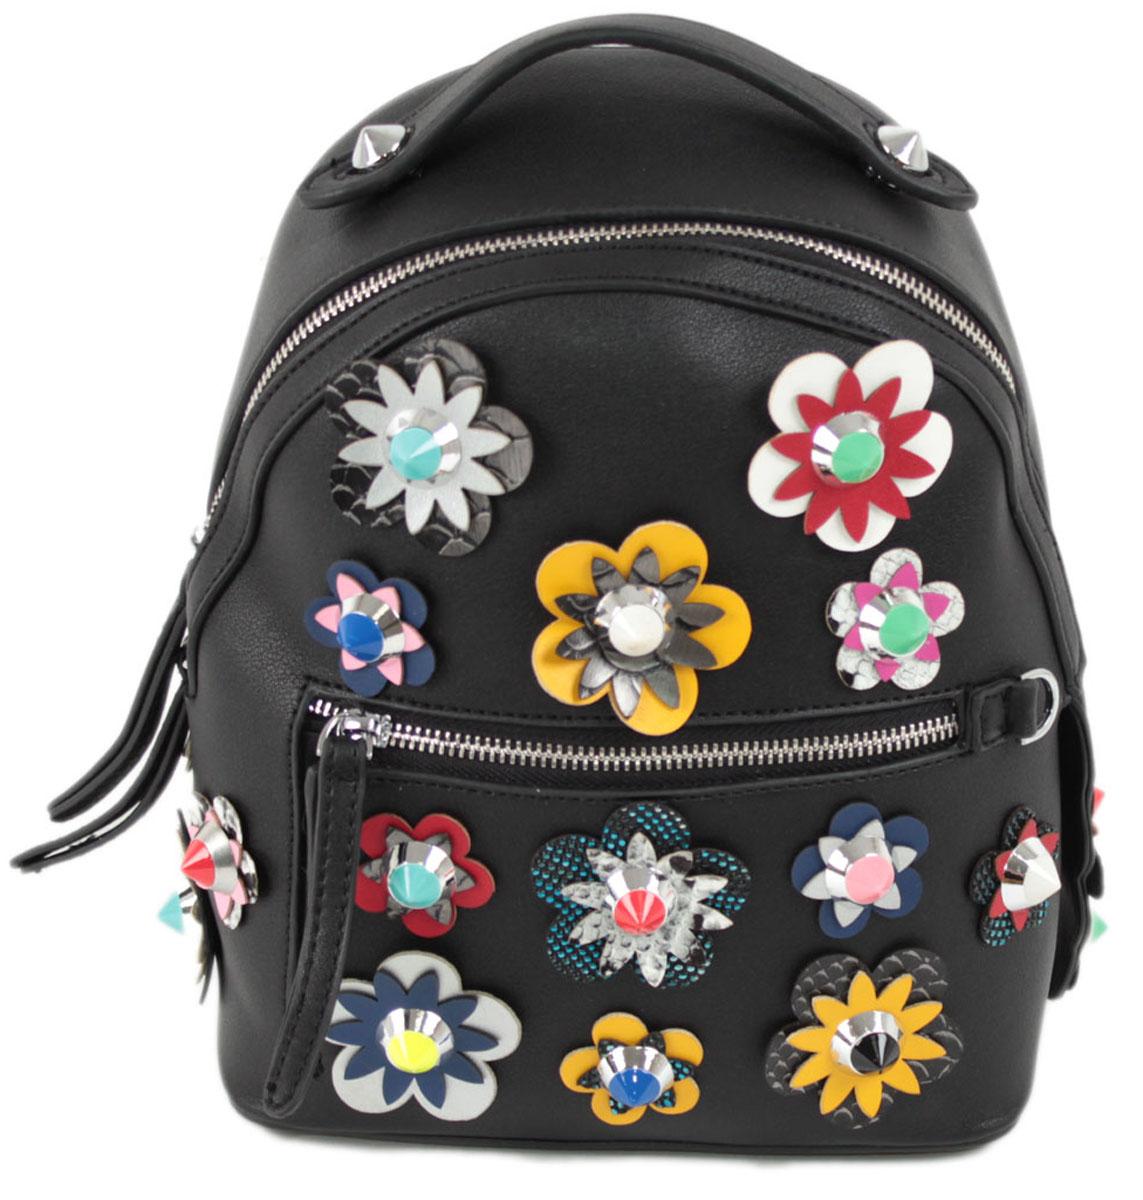 Рюкзак женский Flioraj, цвет: черный. 8157BP-001 BKЗакрывается на молнию. Внутри одно отделение, открытый карман, карман на молнии, снаружи карман на молнии. Высота ручки 5 см.